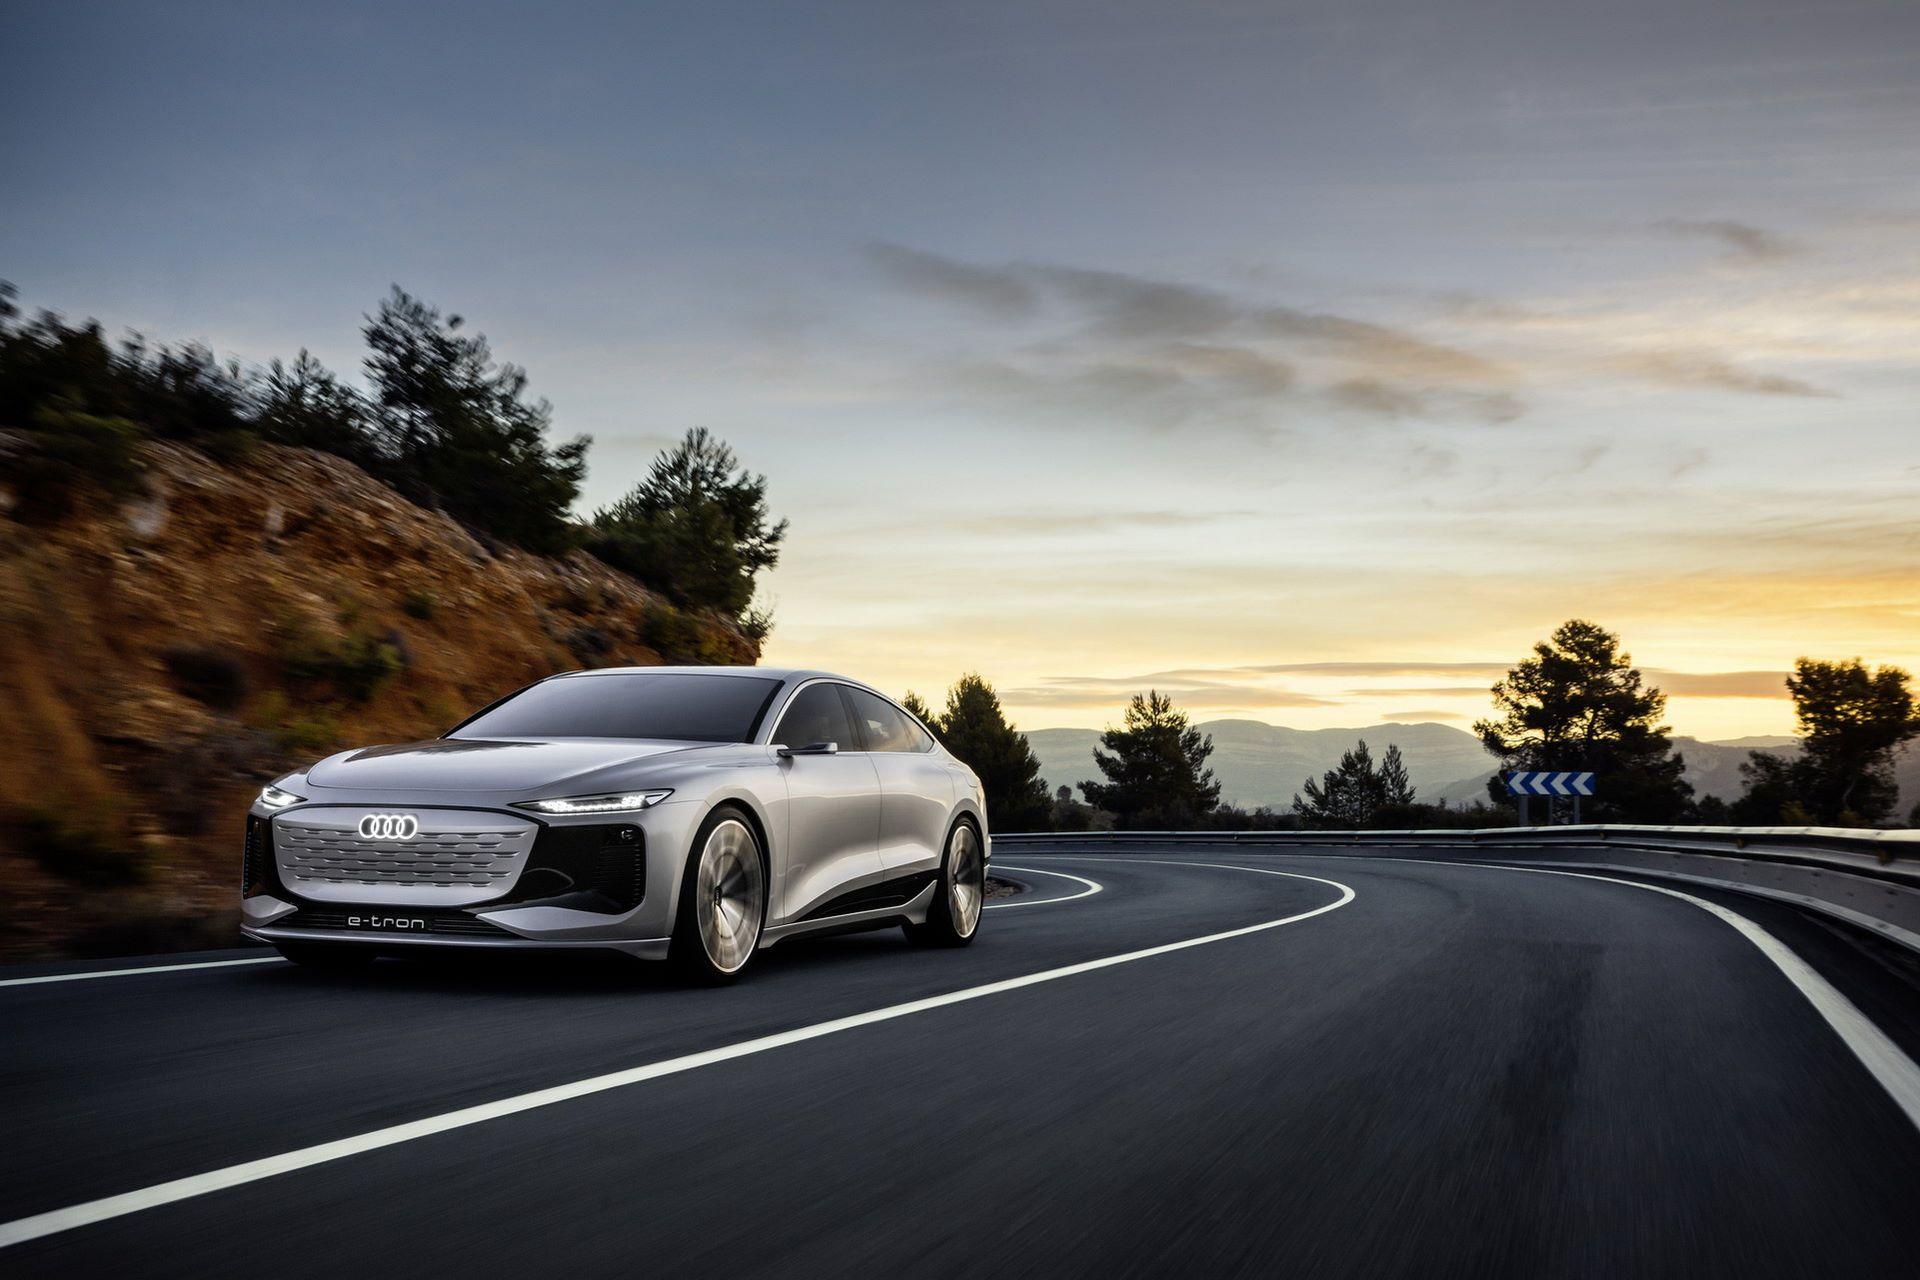 Audi-A6-e-tron-concept-4